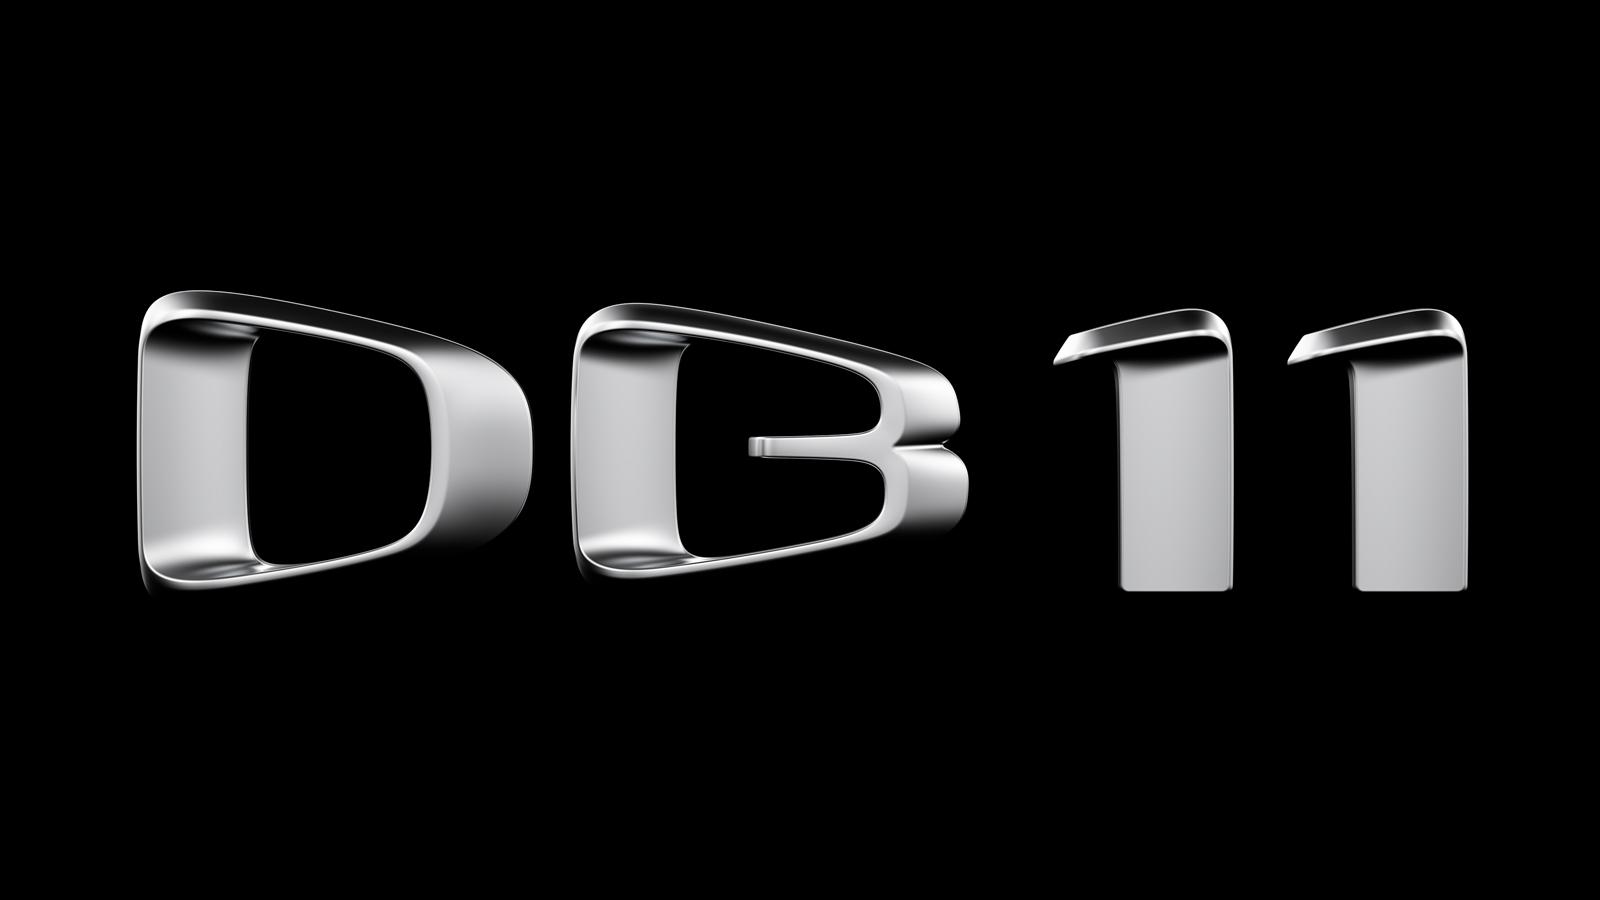 Ny Aston Martin DB9 kommer til at hedde DB11